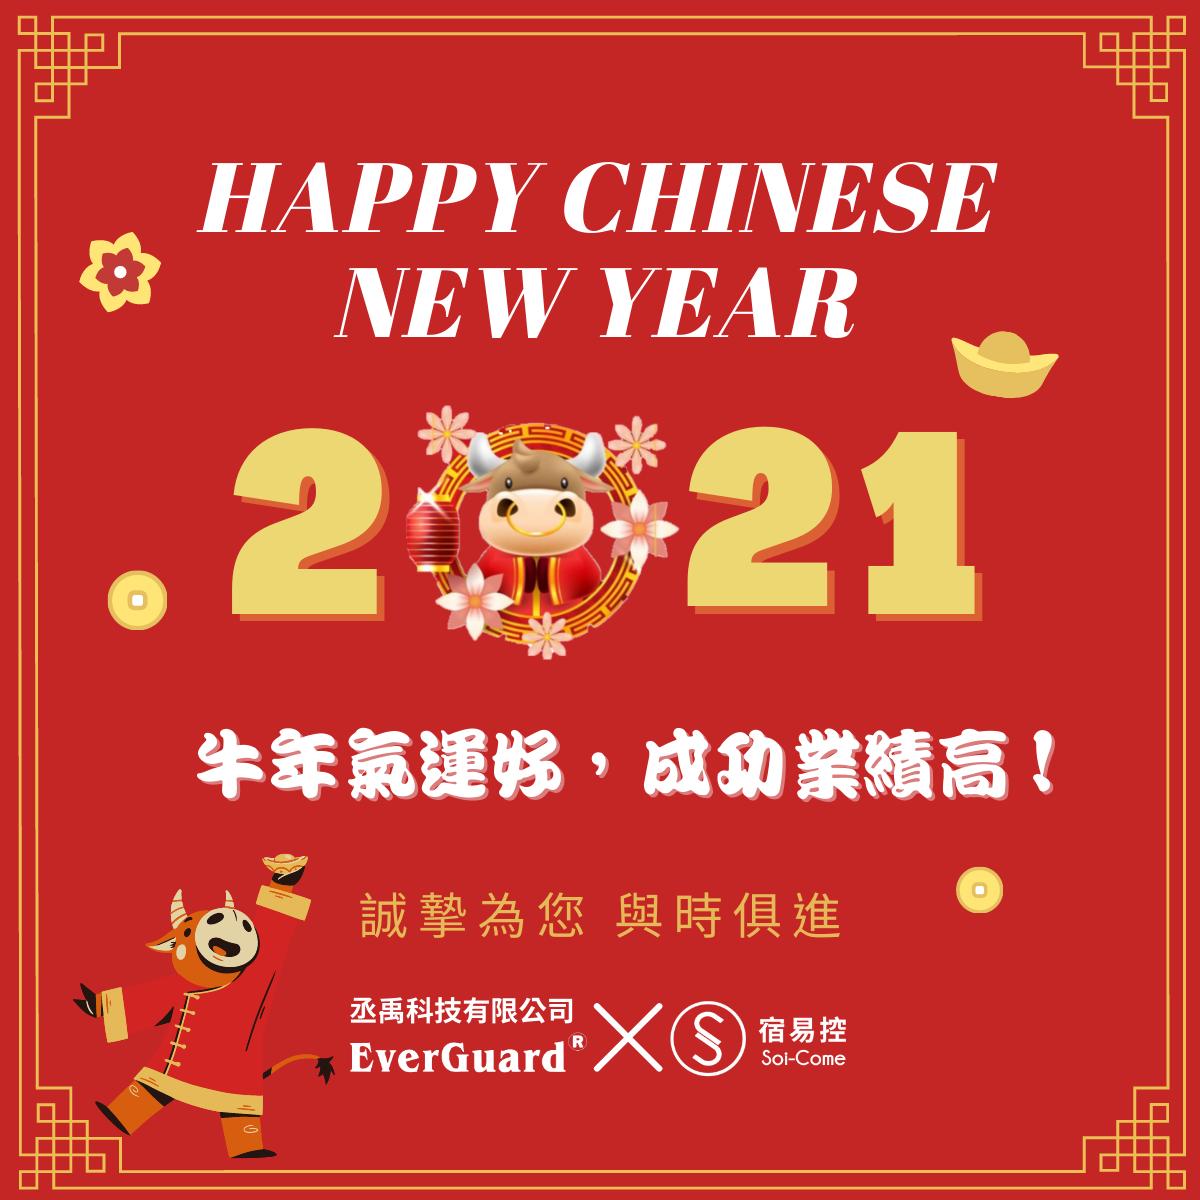 2021年新年快樂